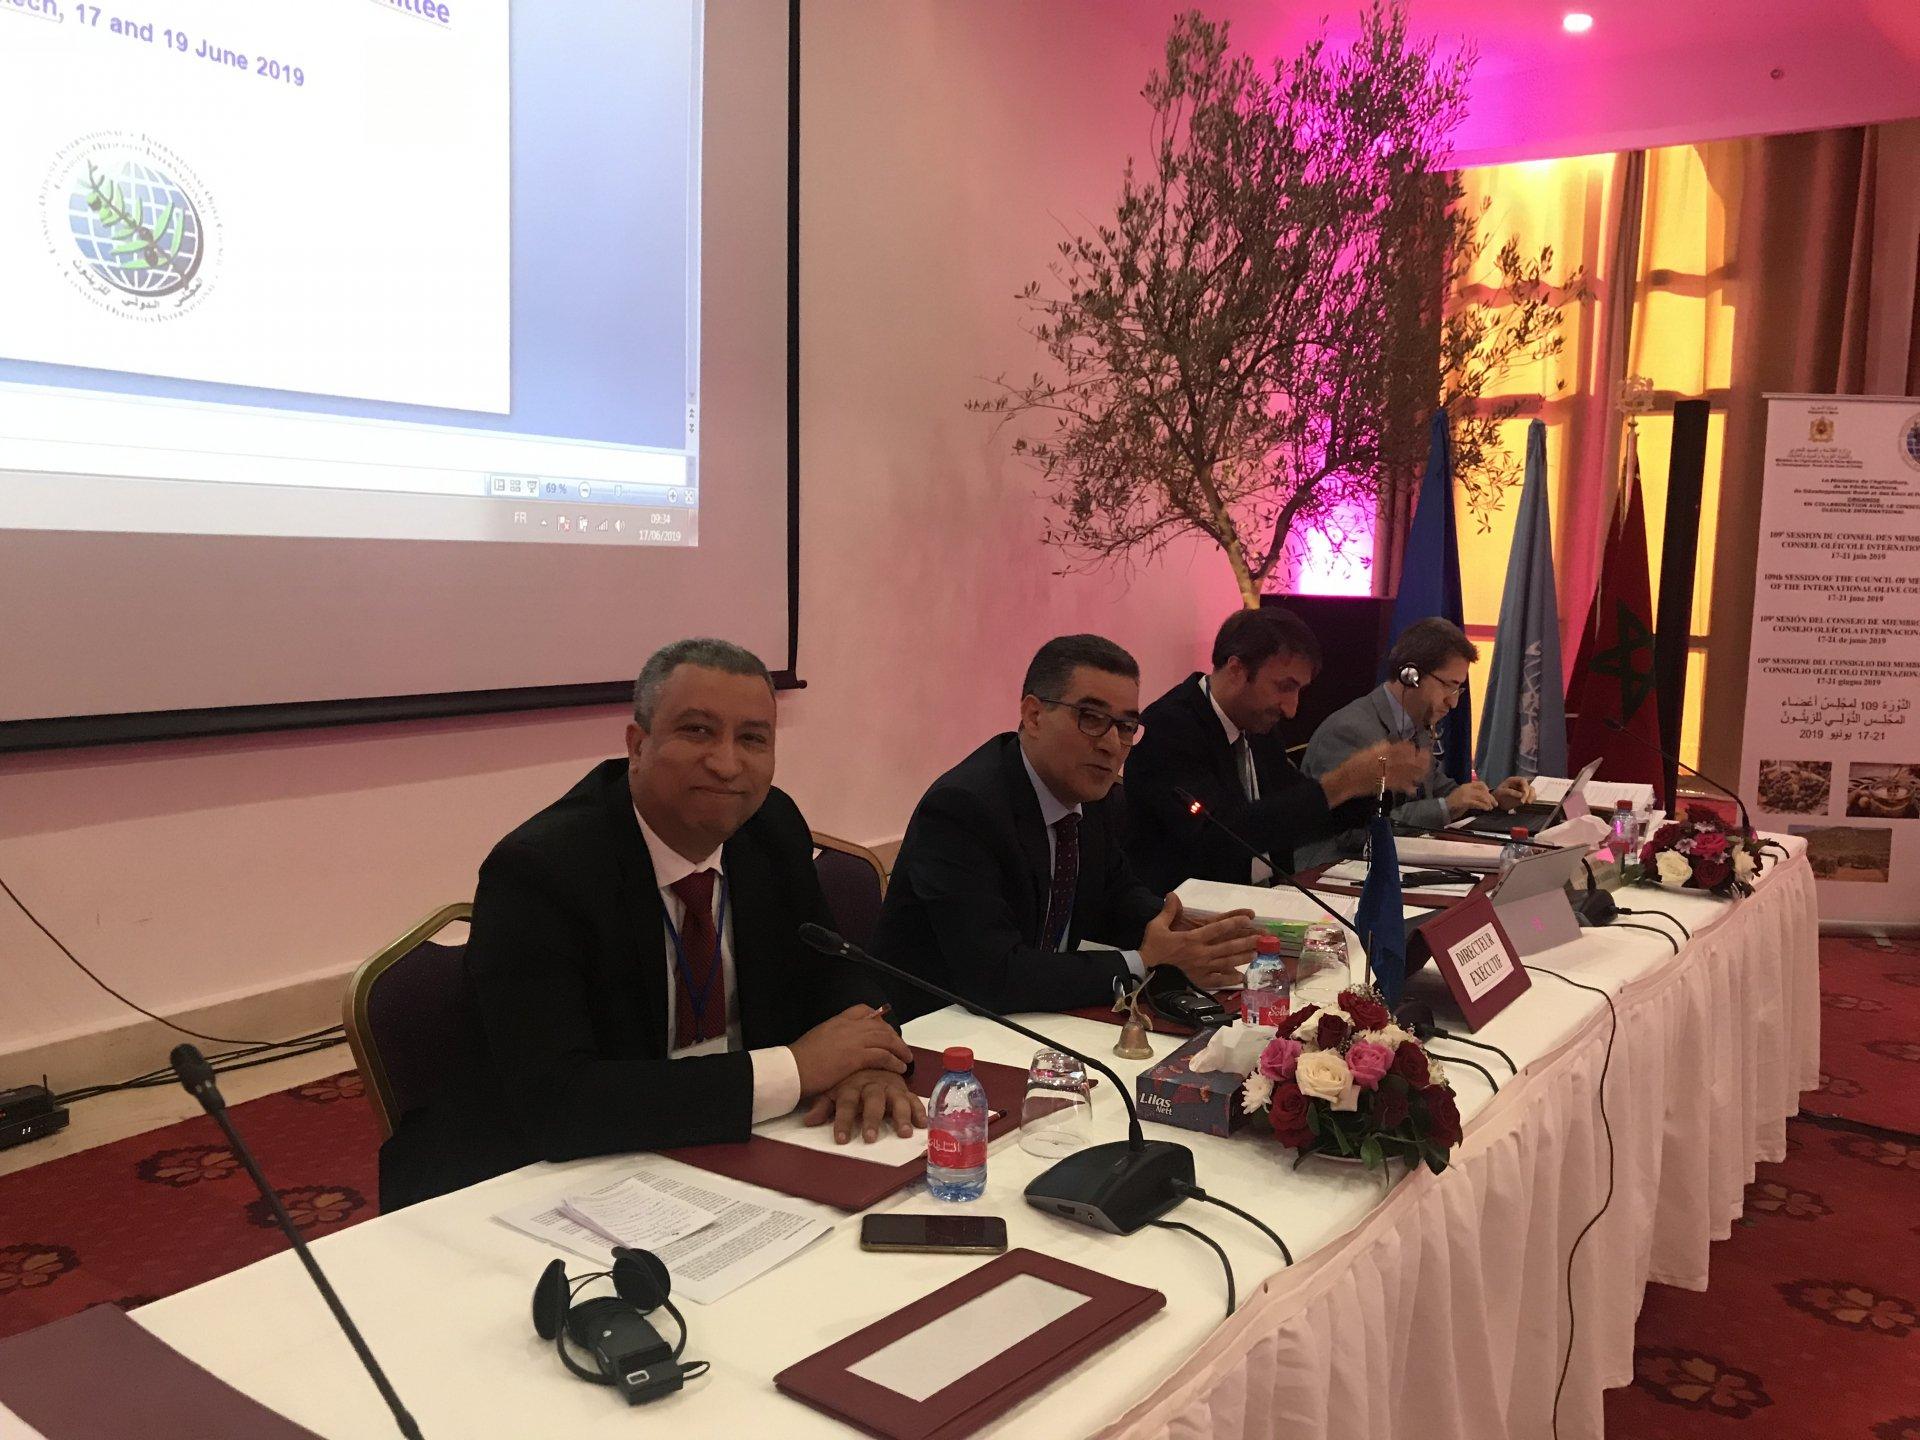 Marocco, il lavori della sessione Coi numero 109 hanno avuto inizio a Marrakech